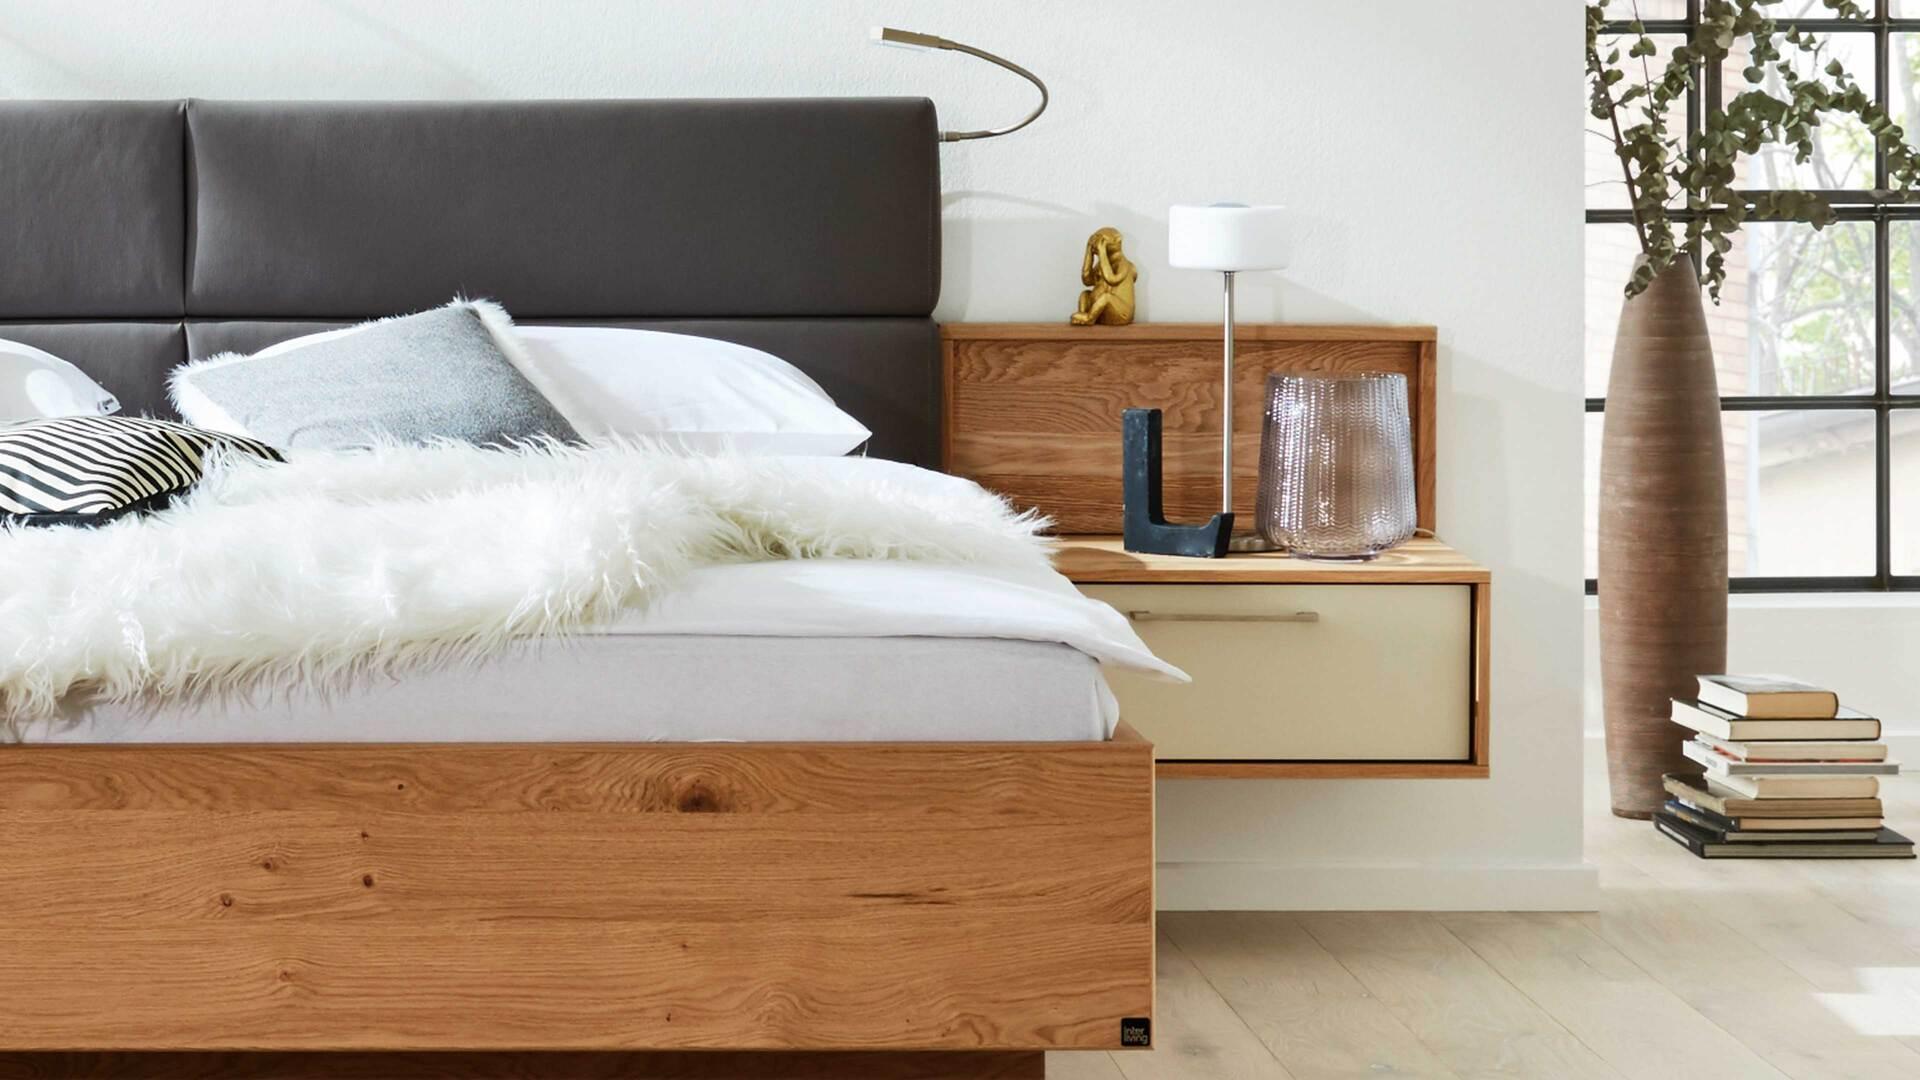 Interliving Schlafzimmer Serie 1002 – Komplettzimmer mit vielen Extras